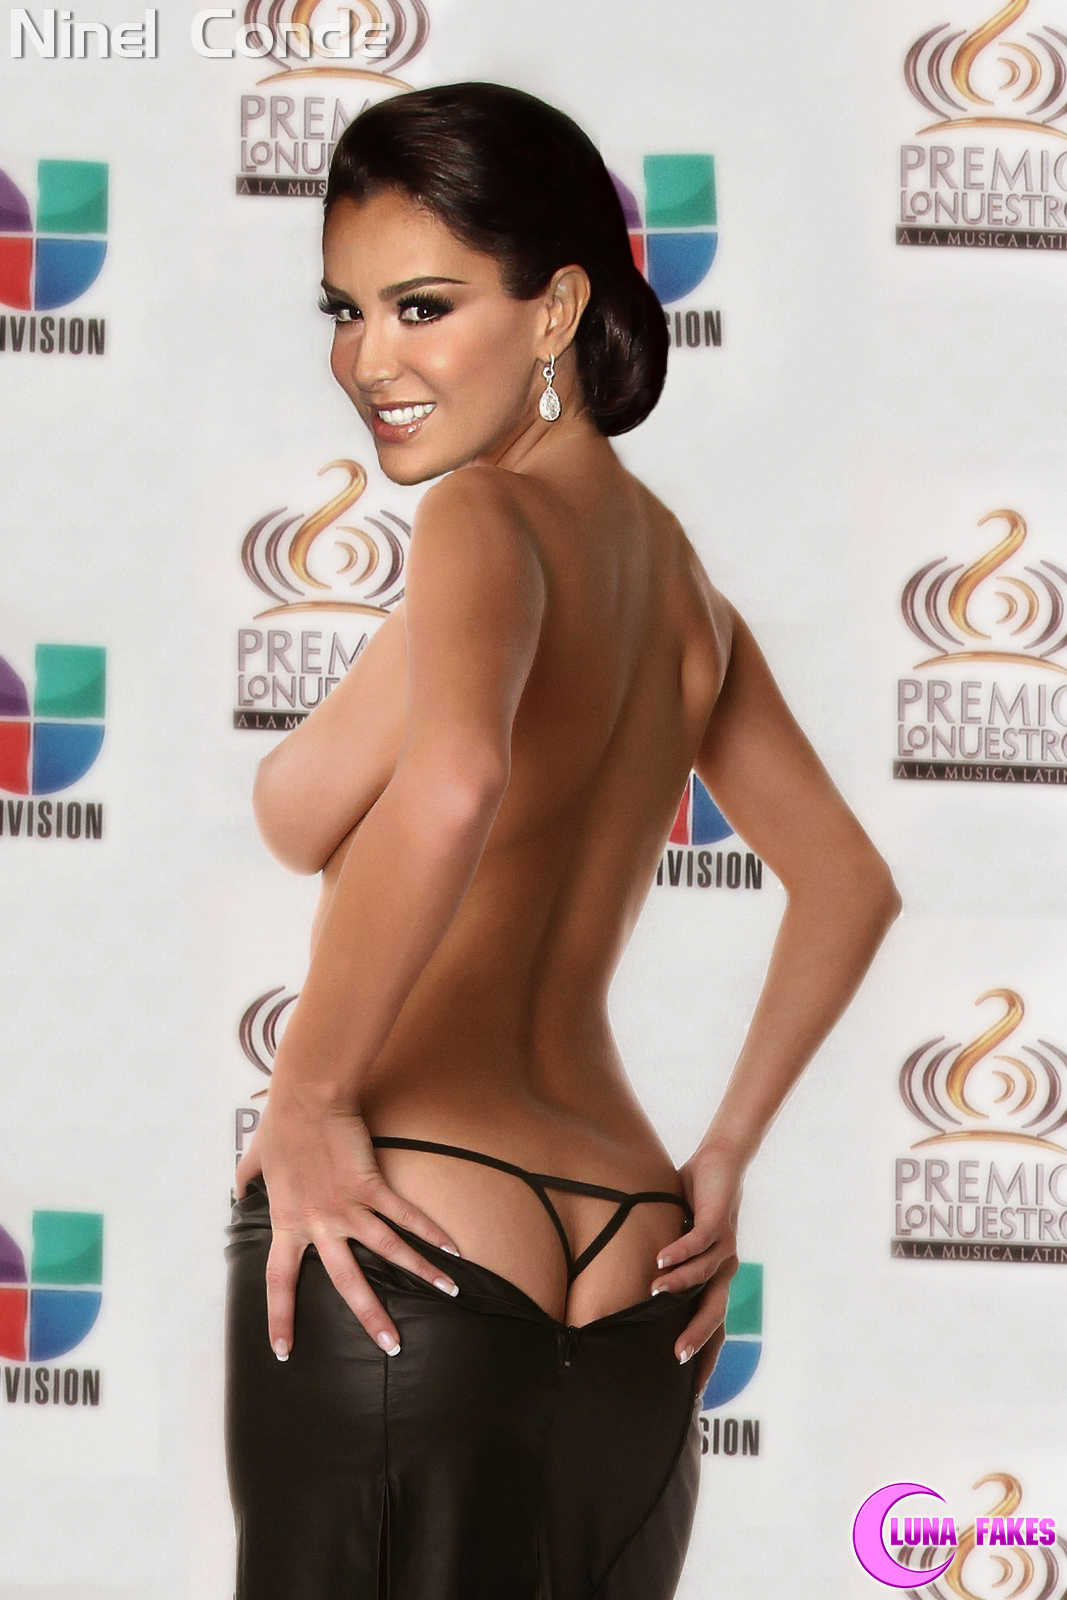 De Ninel Conde Luna Fakes Lunafakes Desnuda